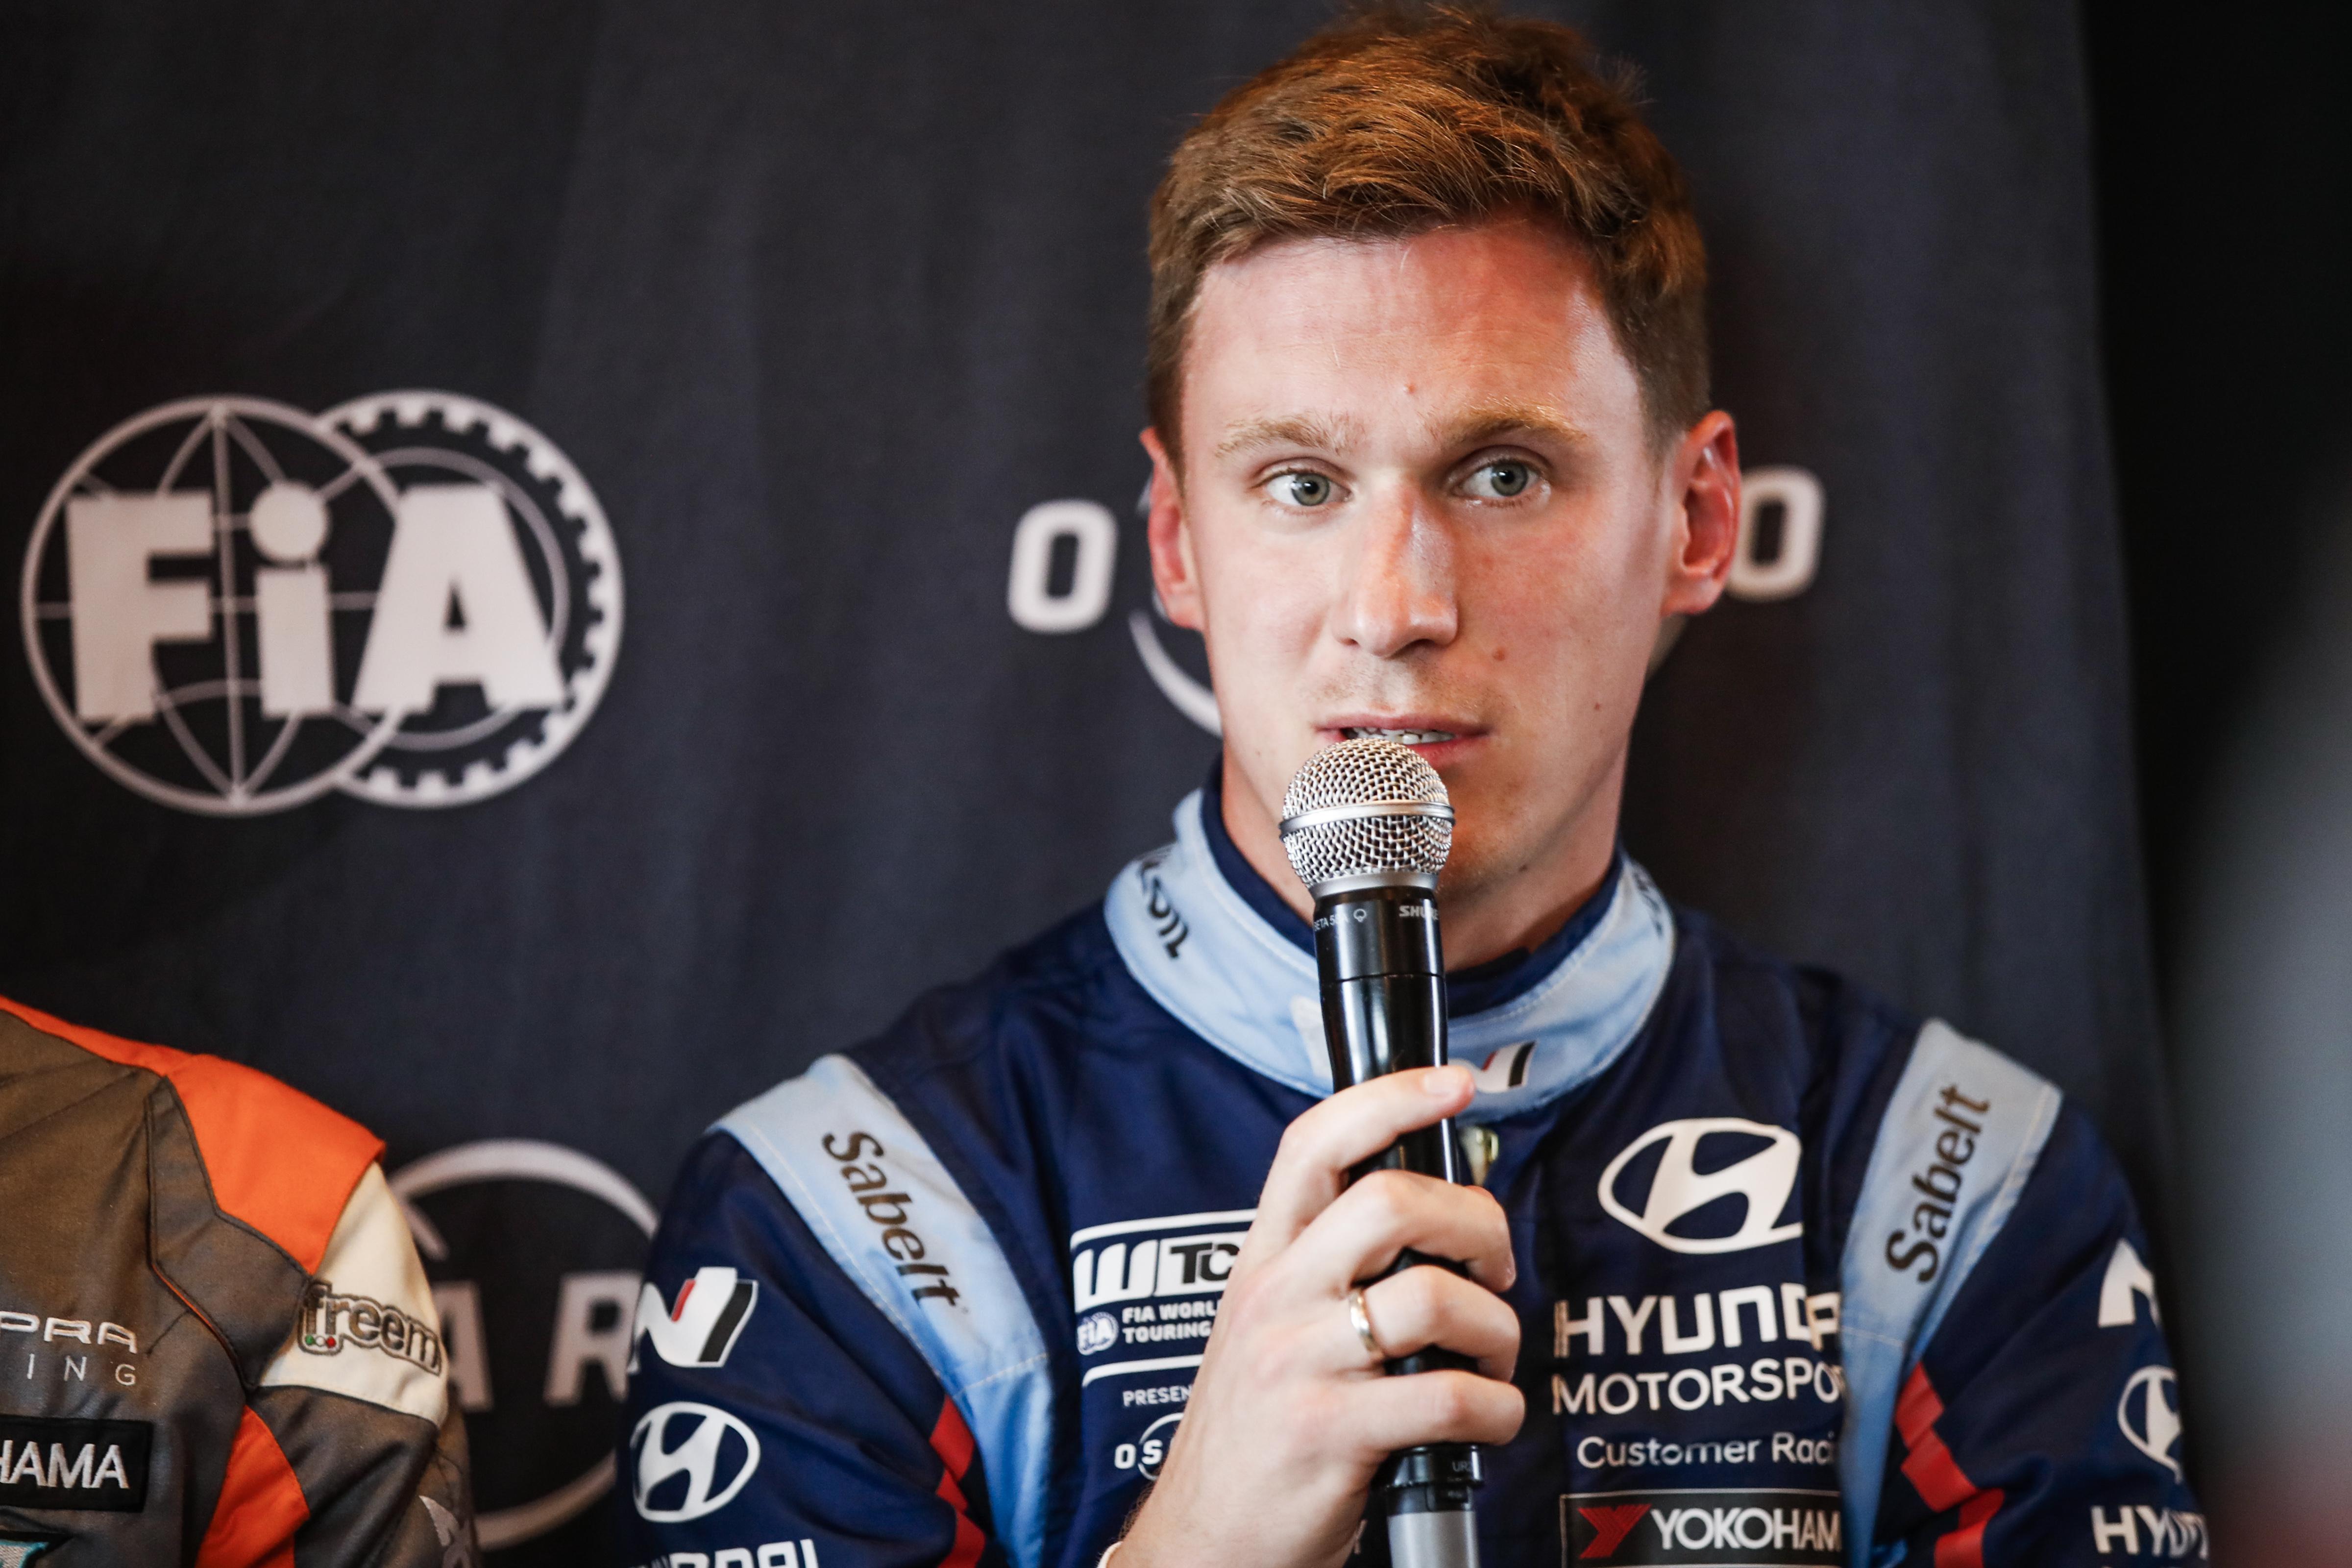 Catsburg congratulates rival Priaulx for WTCR Macau victory